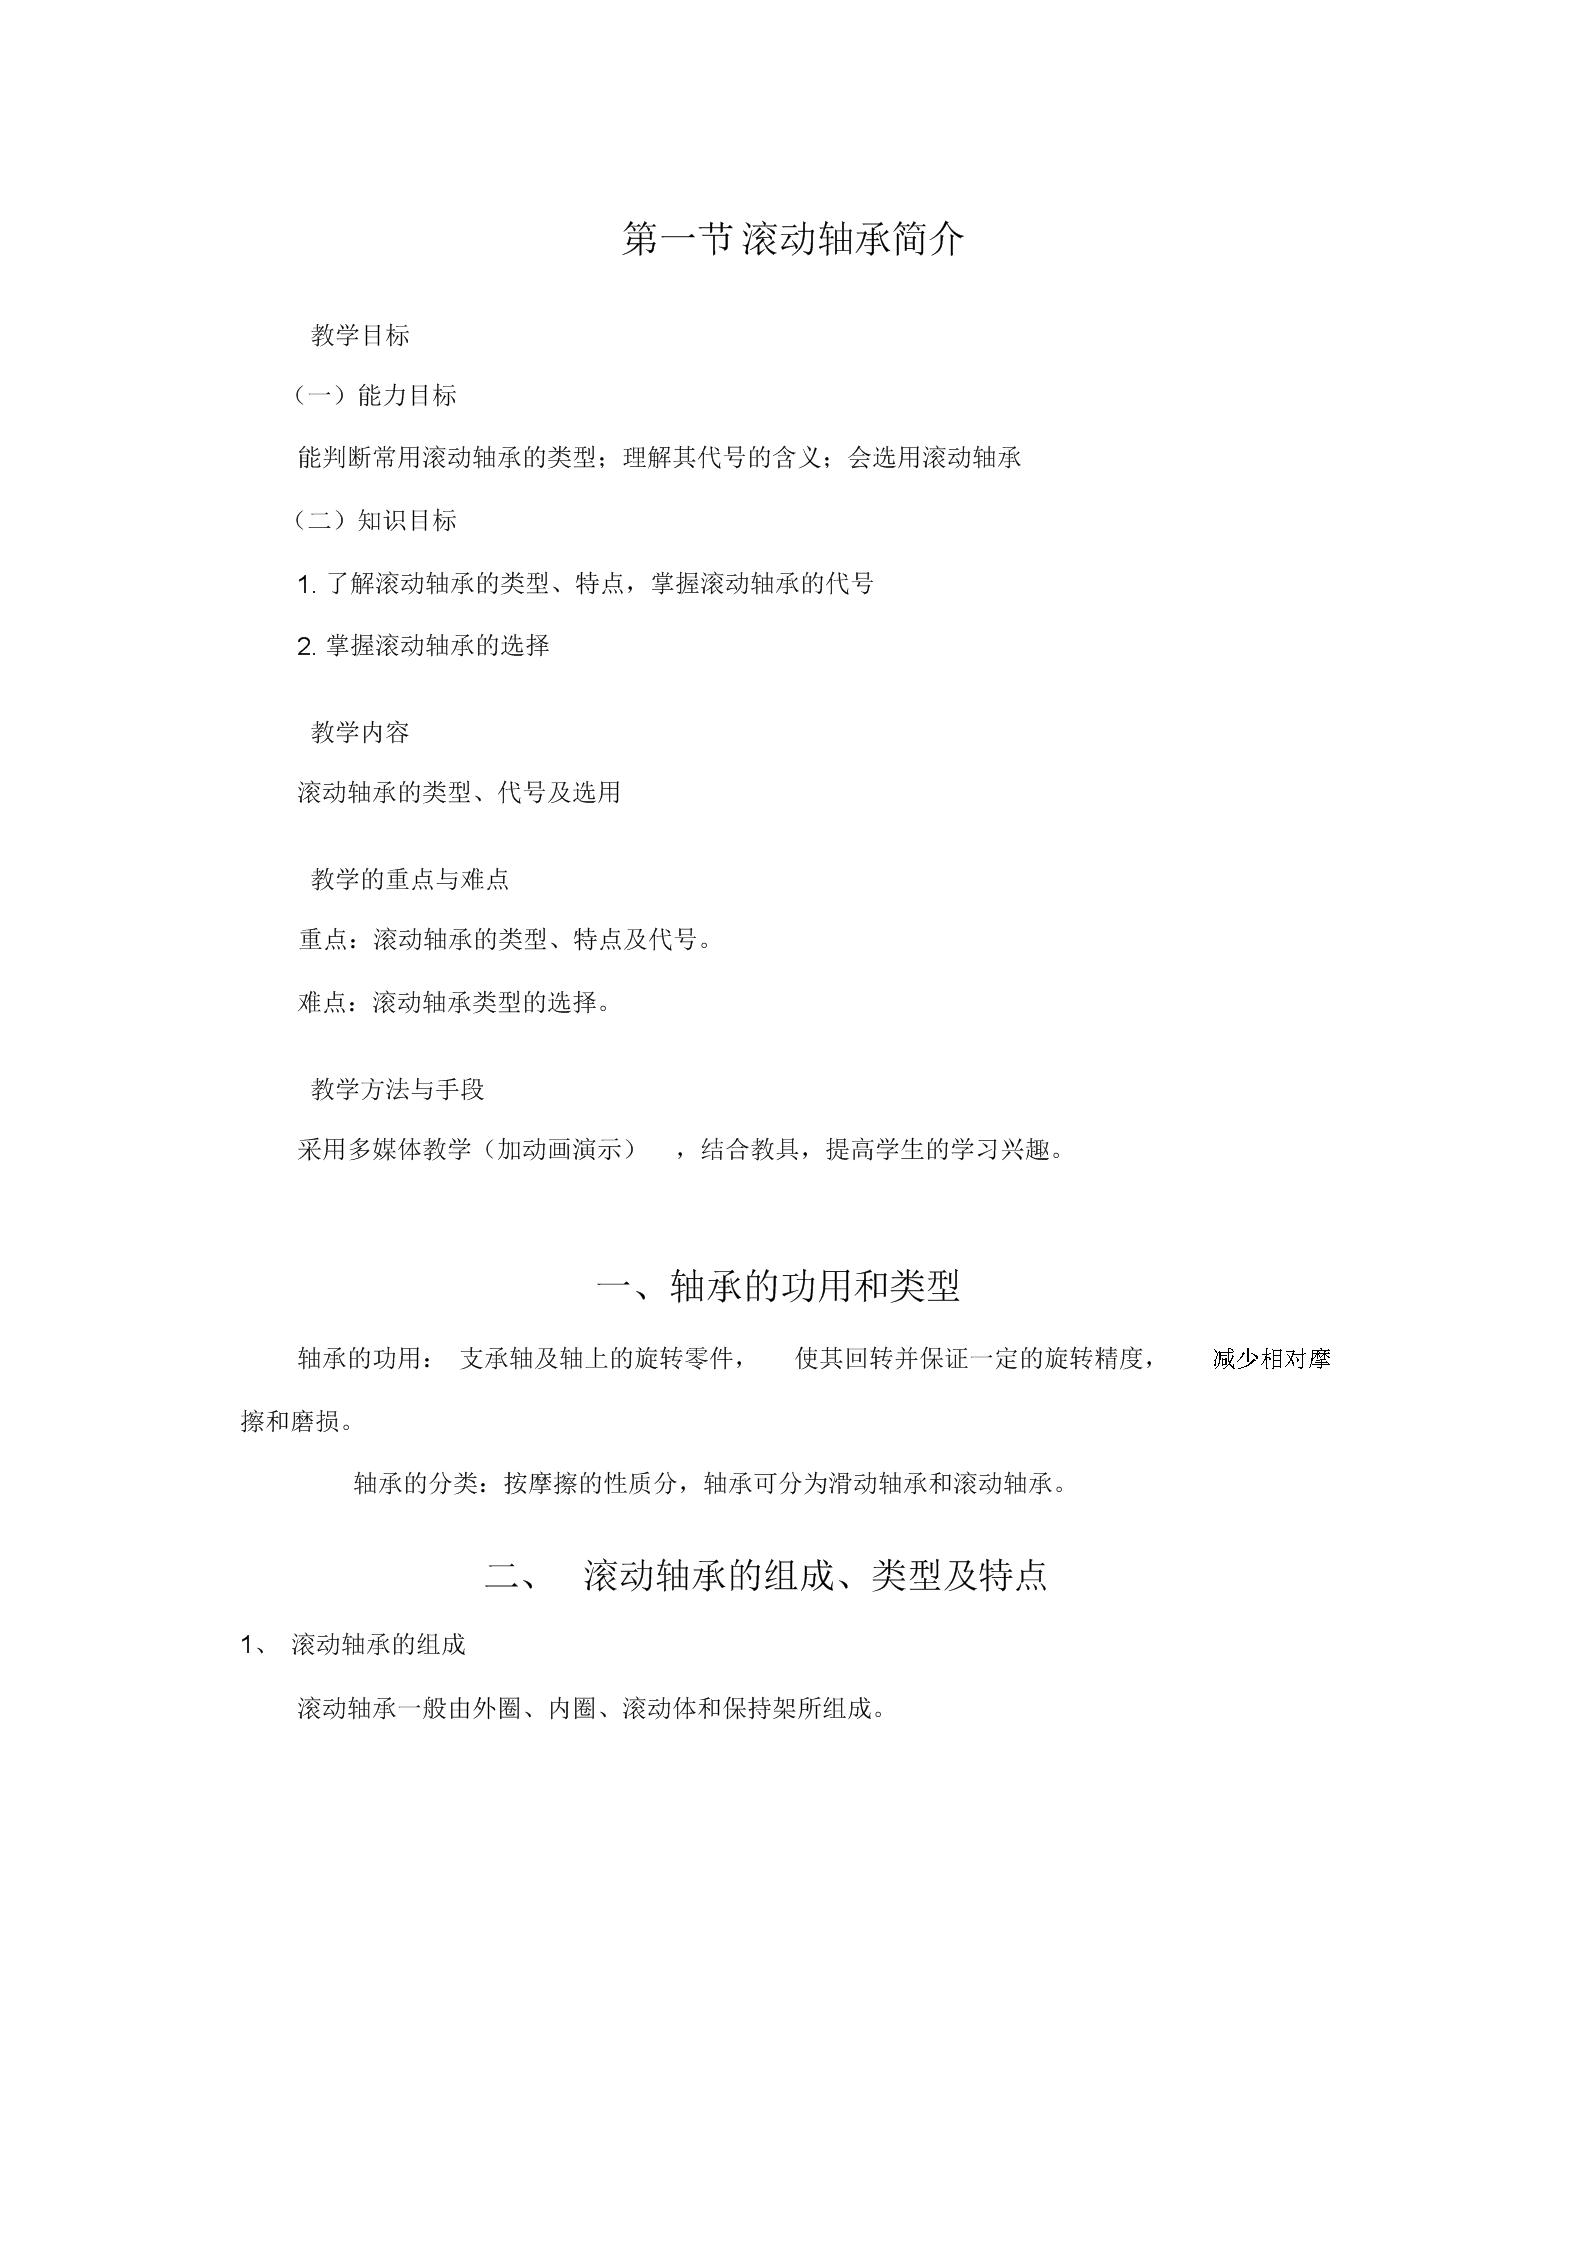 (完整word版)滚动轴承和滑动轴承教案.doc